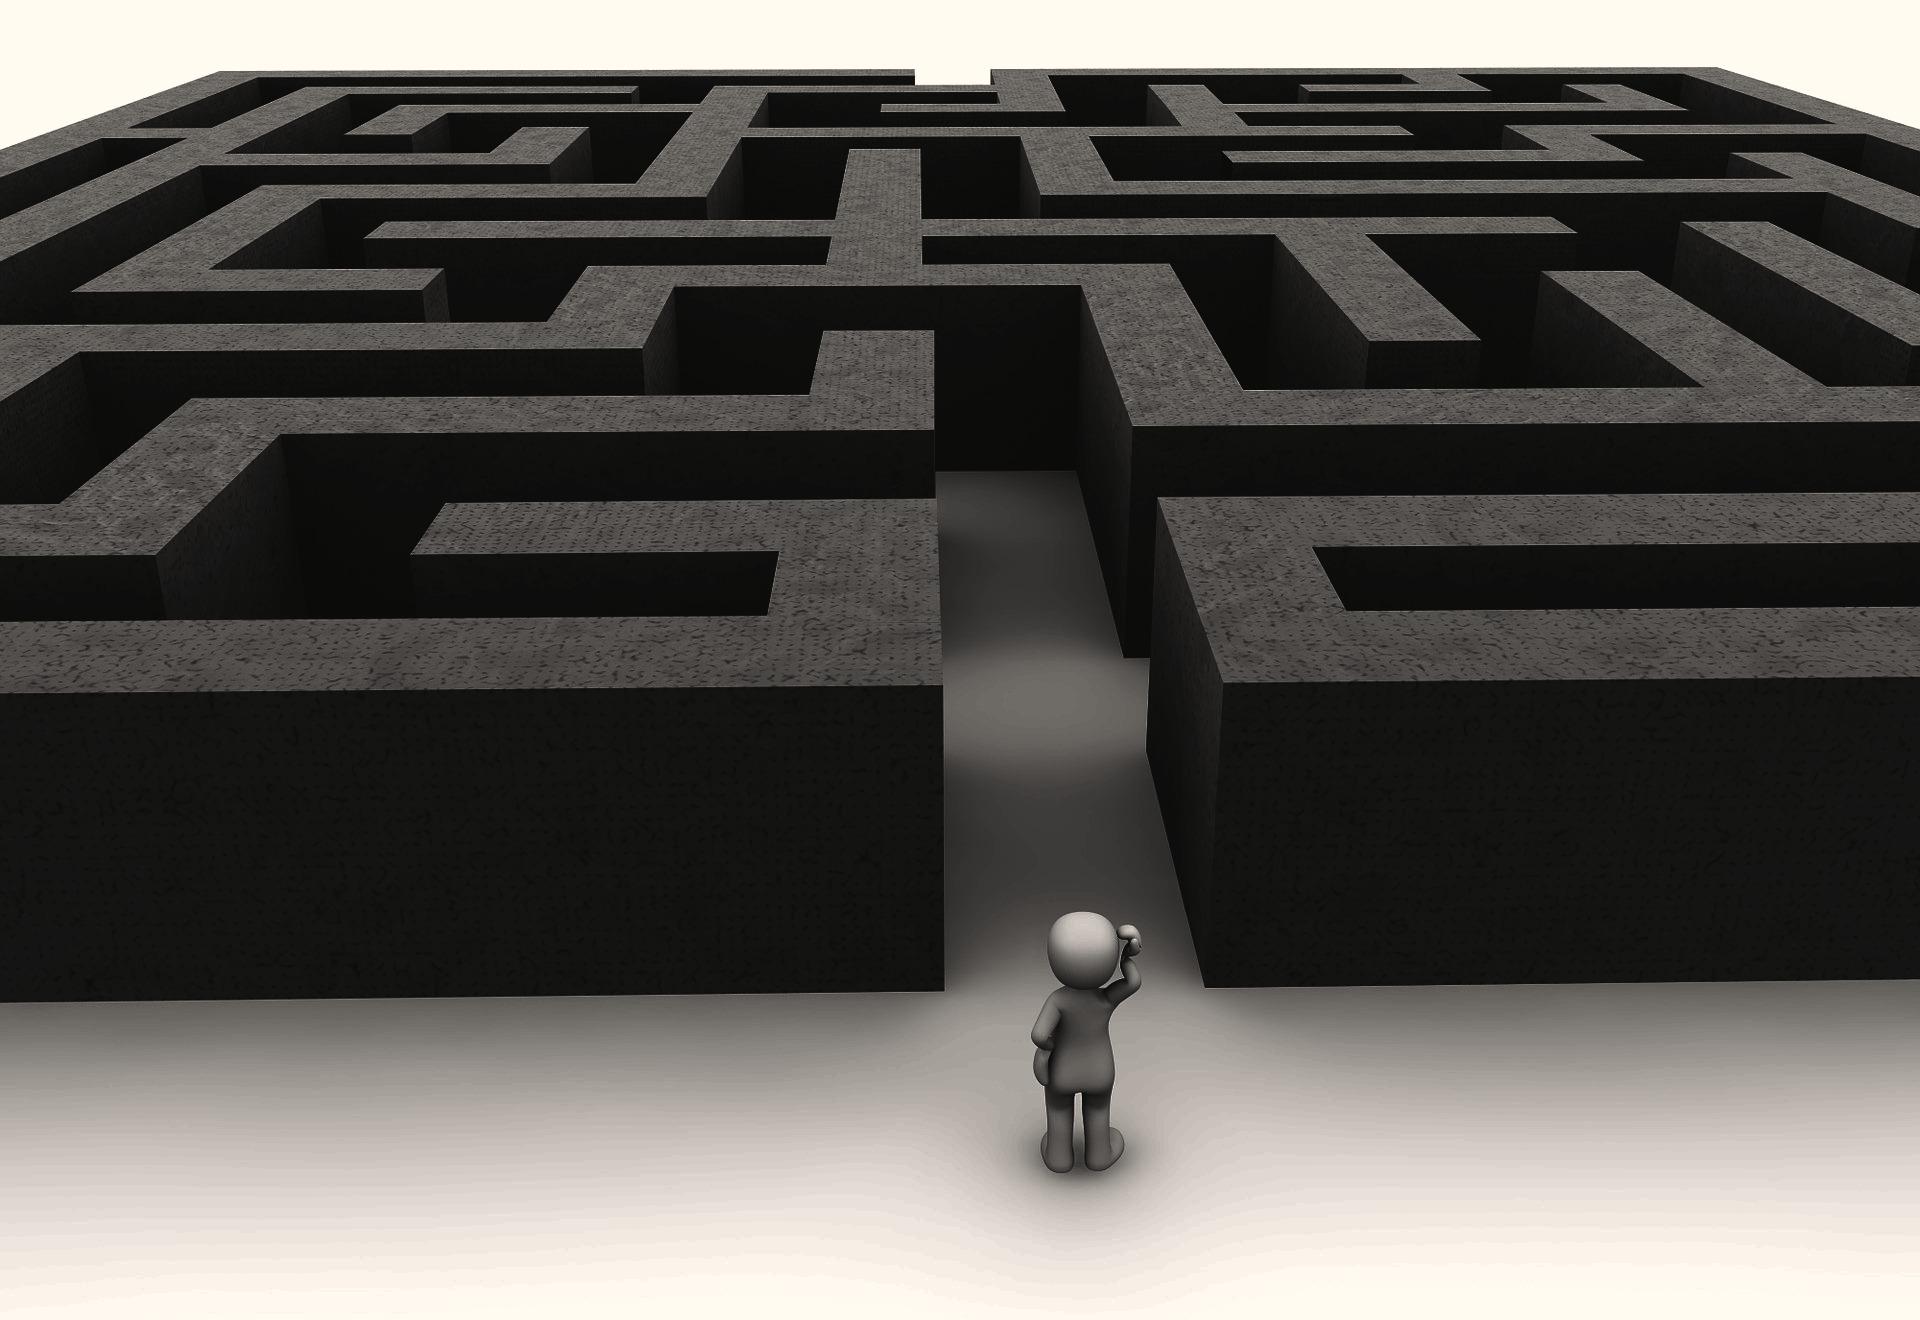 labyrinth-1013625_1920ddd